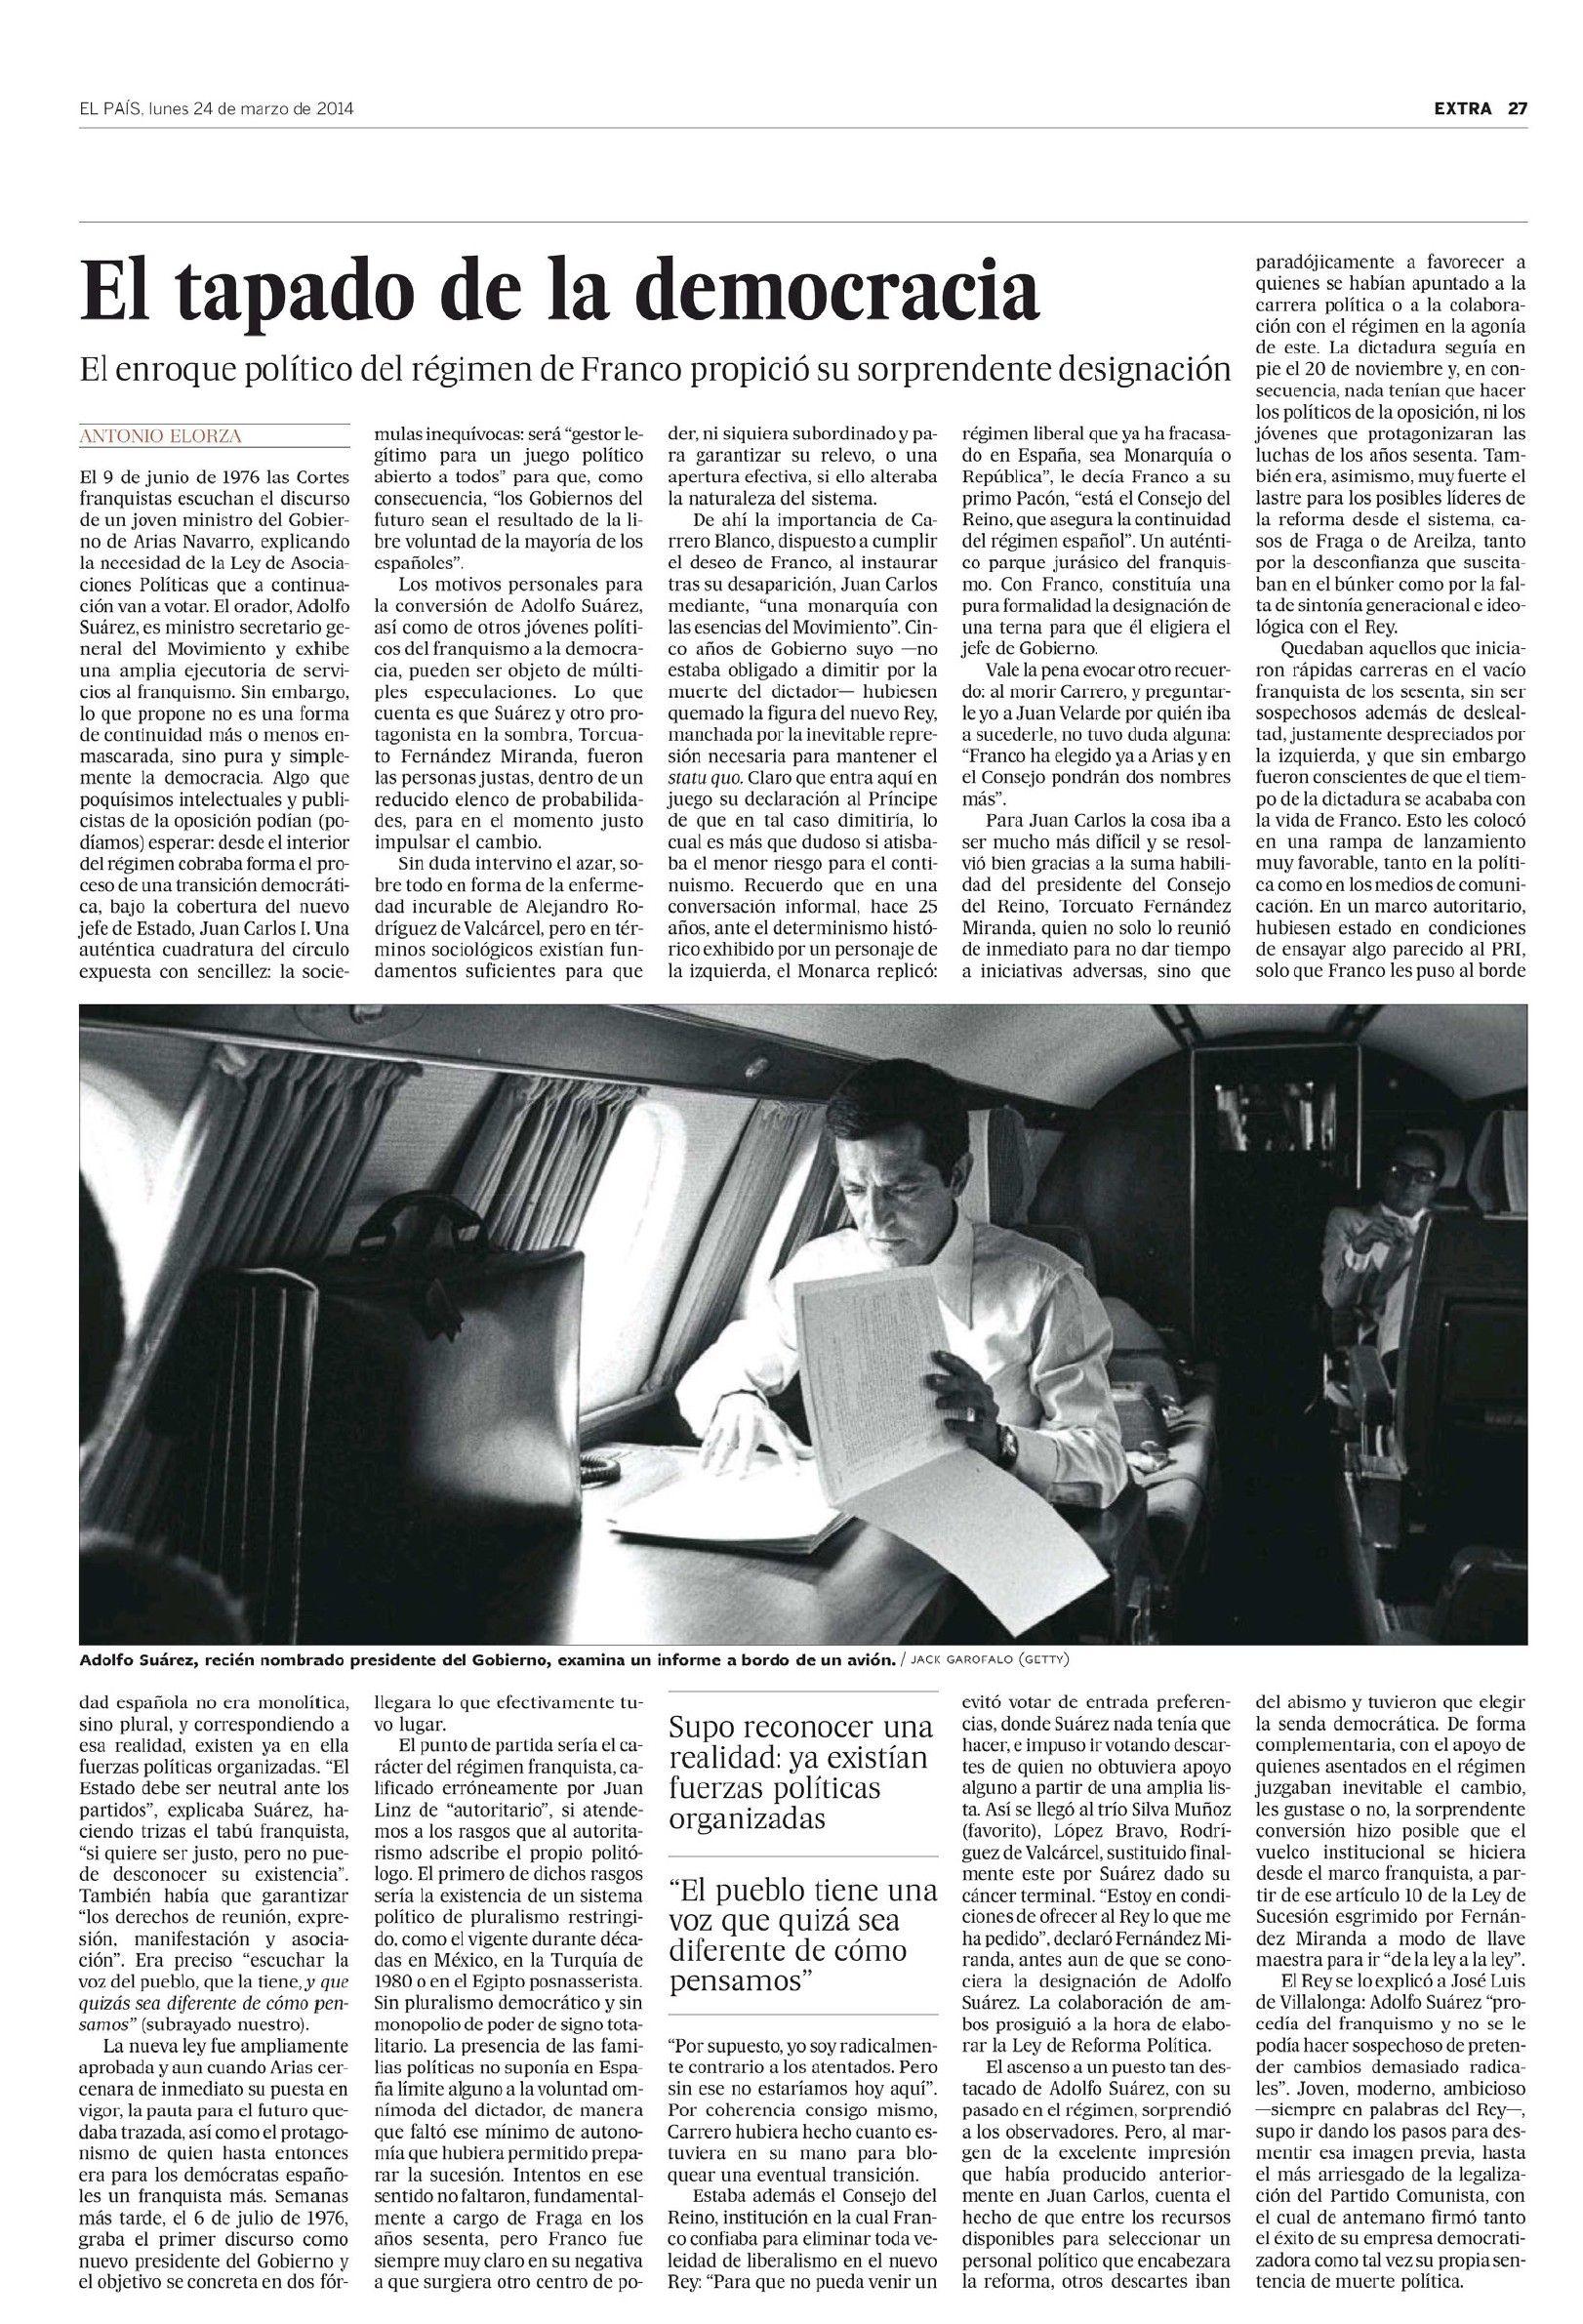 """El procer Adolfo Suárez, destacado en la edición ESPECIAL del perodico Español """"El País"""" del 24 de marzo de 2014. Pagina 27 ~ Spain's national hero Adolfo Suárez, featured in the 24 March 2014 SPECIAL issue of the Spanish newspaper """"El País"""". Page 27"""